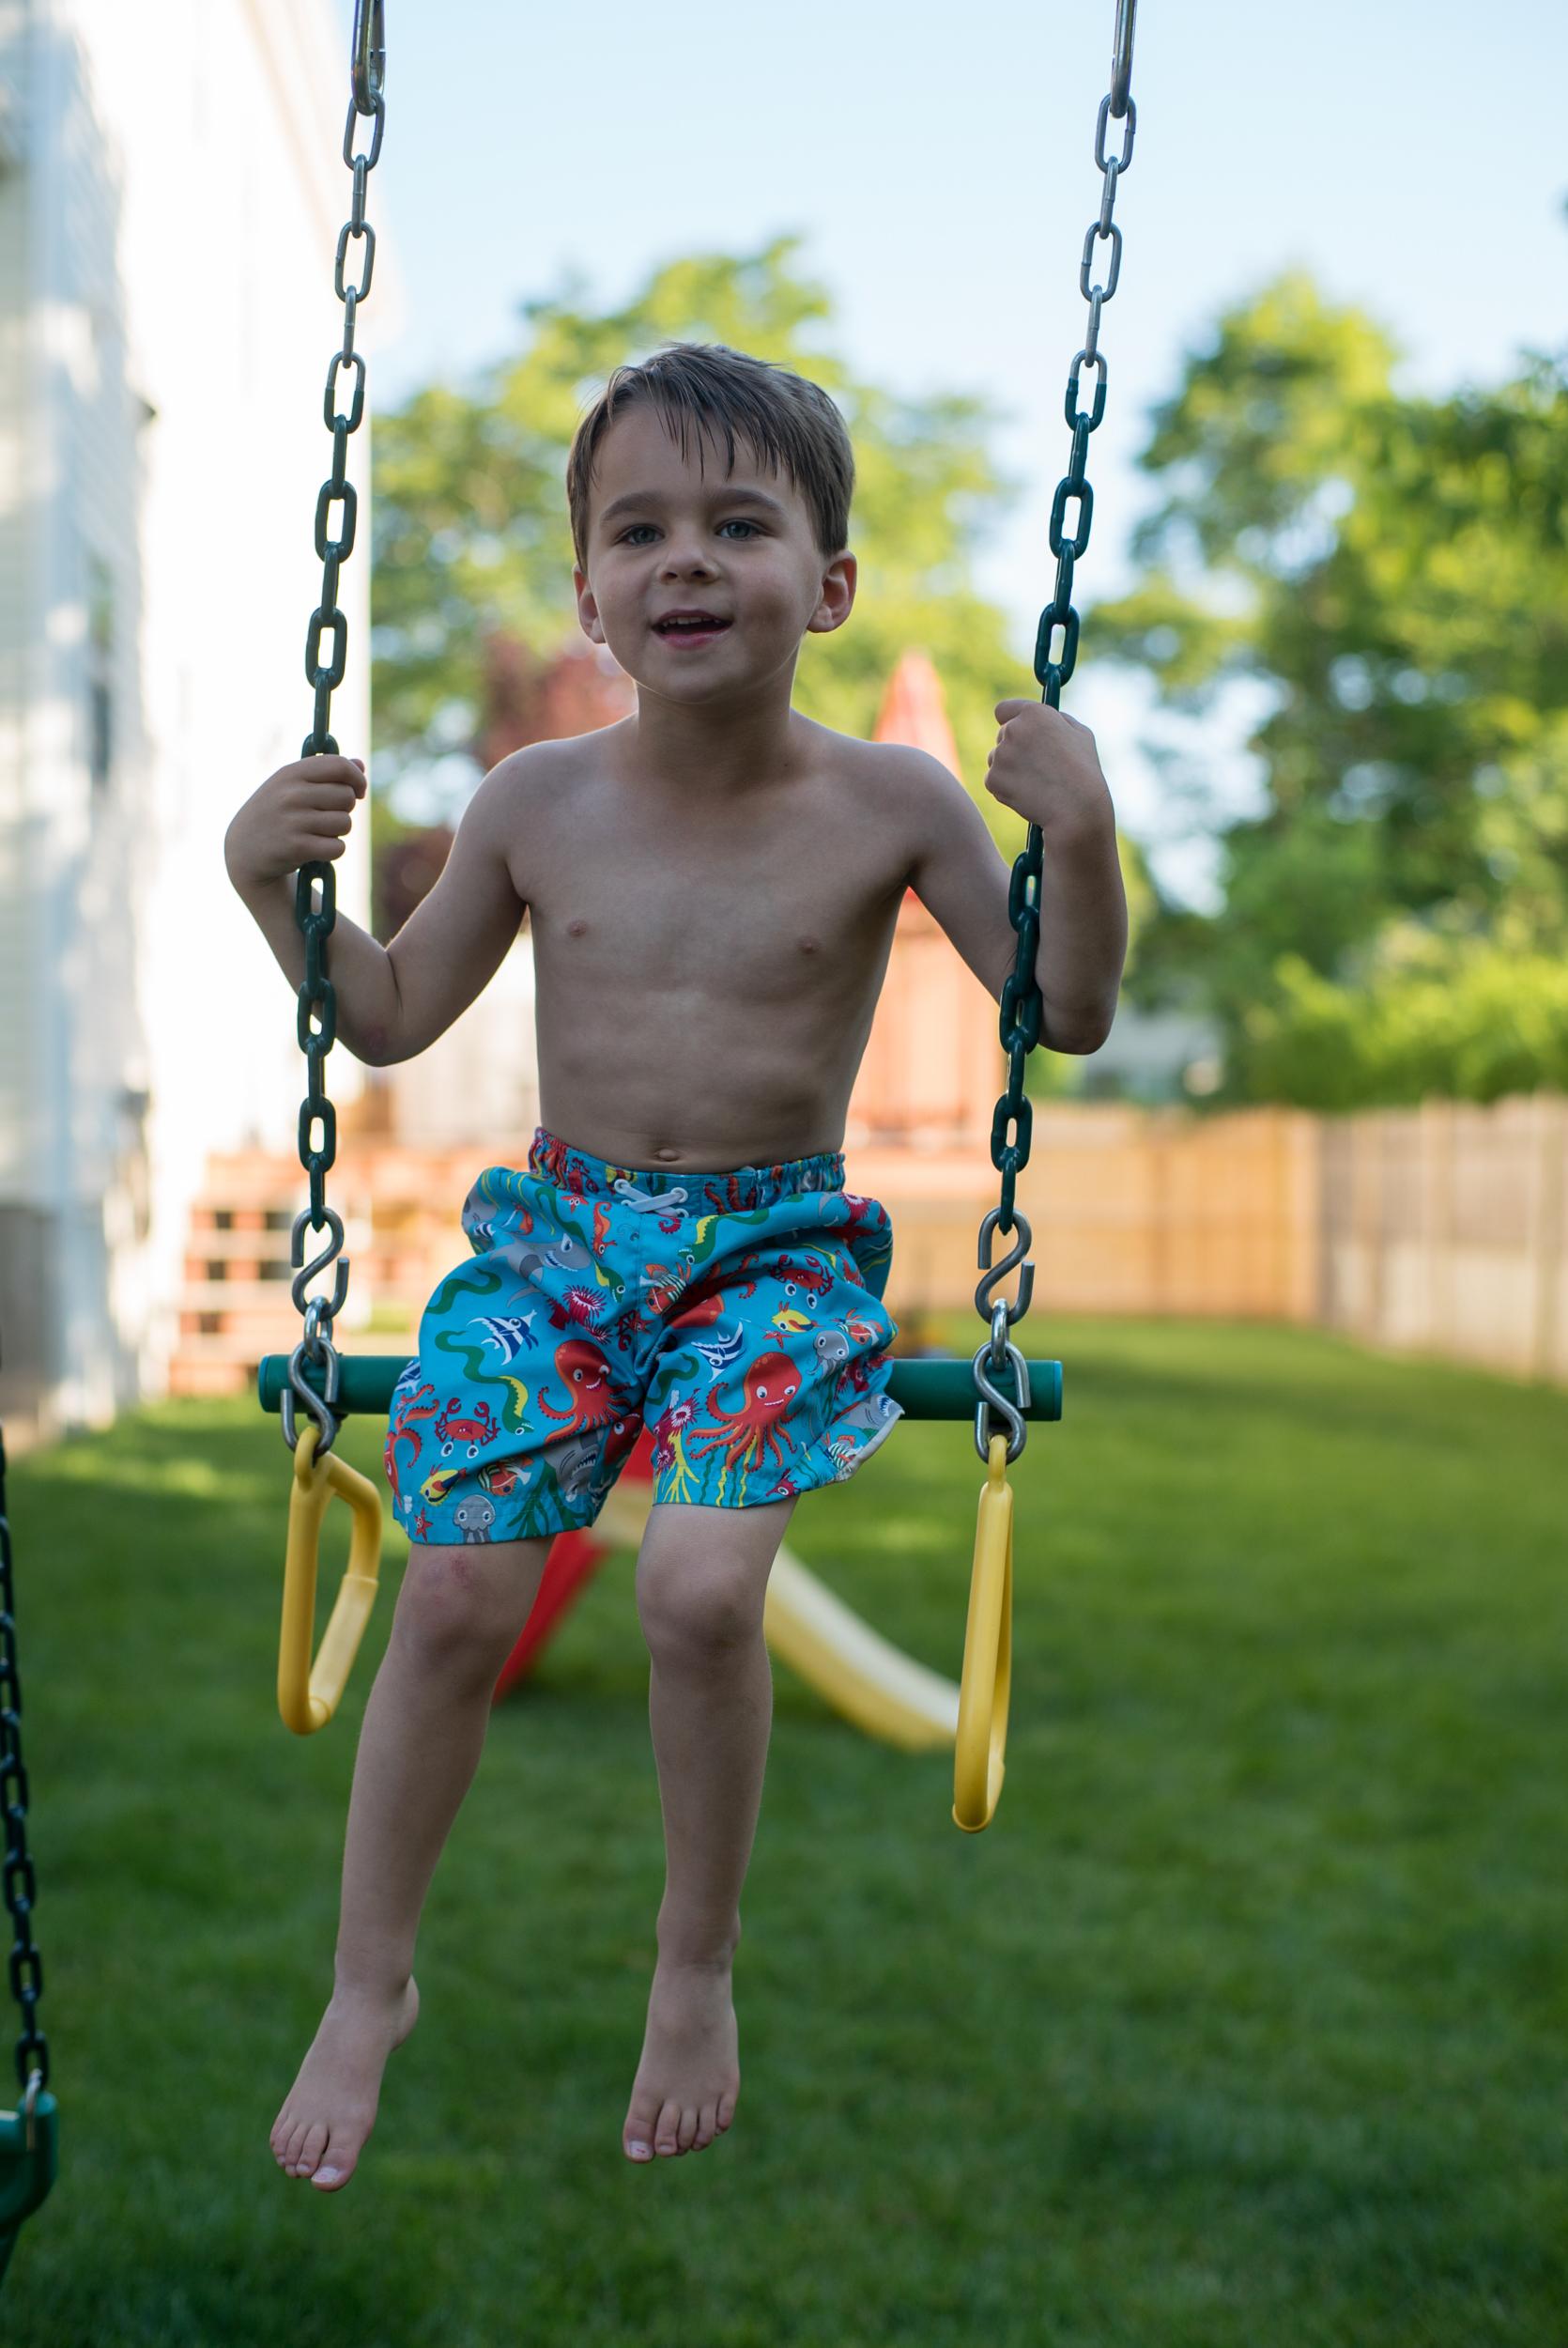 boys photos swin Young blog nude